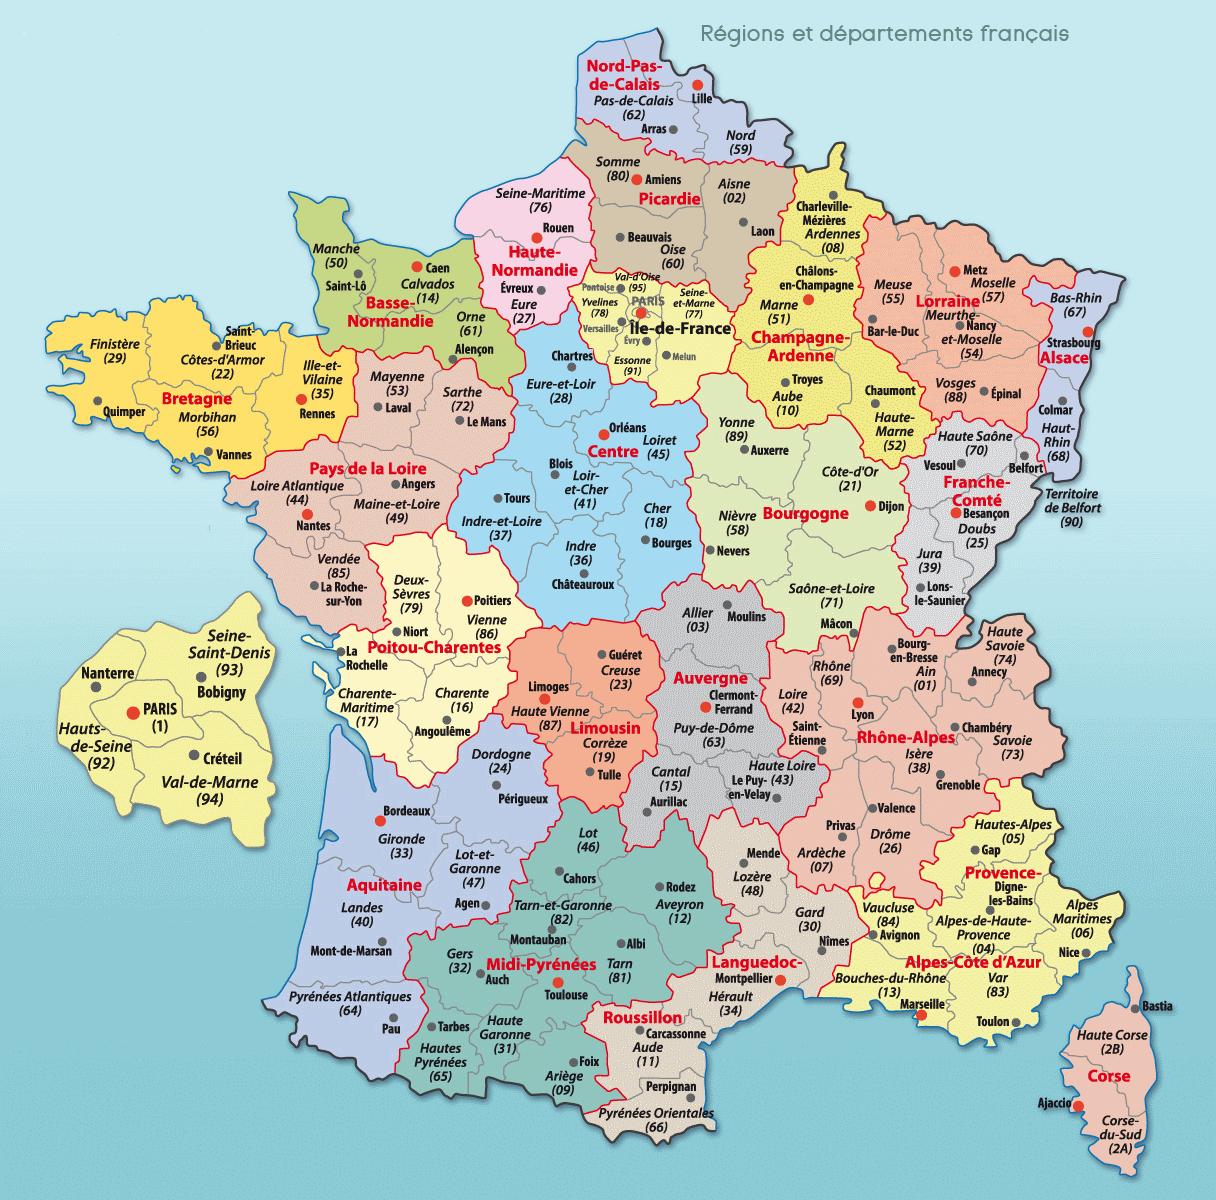 Cartes De France : Cartes Des Régions, Départements Et concernant Carte De France Numéro Département